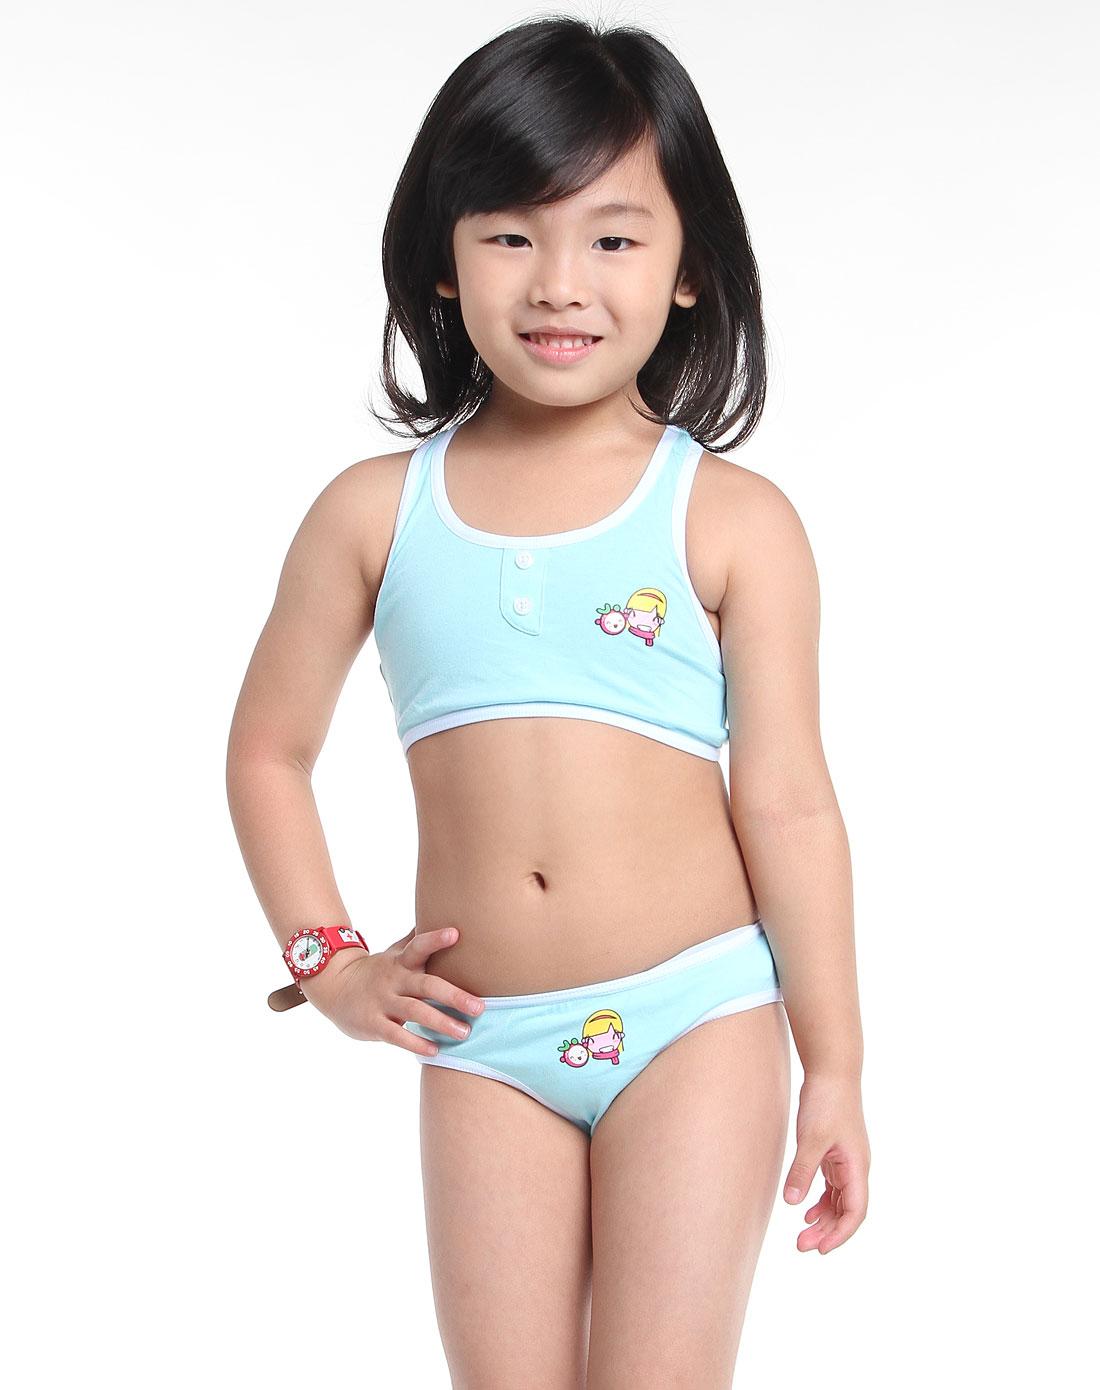 刚发育初中小女孩12岁-女童内衣 大女童内衣背心图片